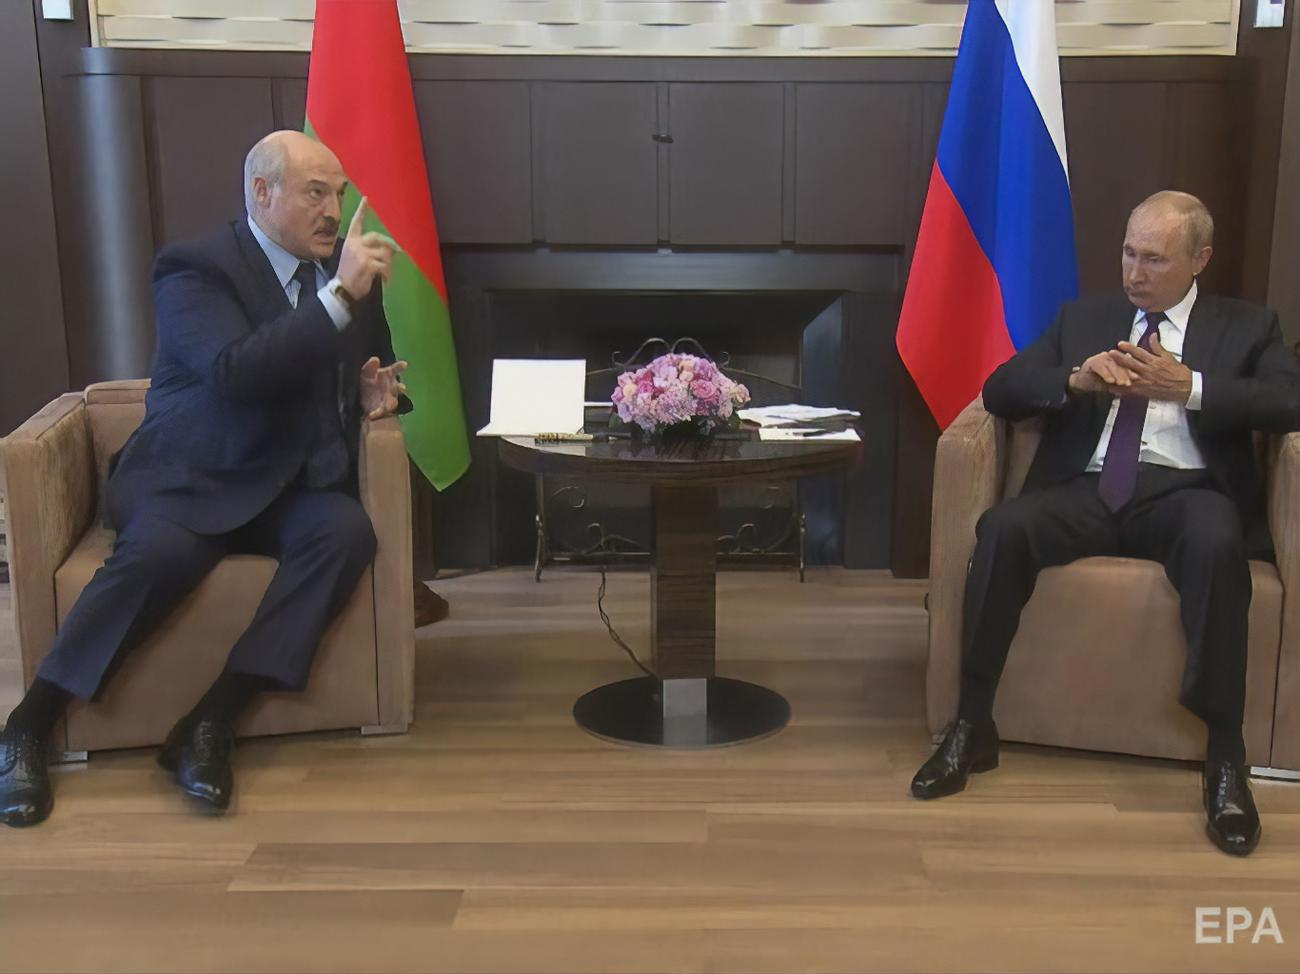 """2 days ago· первый день выборов в россии: """"Путин дал Лукашенко $1,5 млрд и контакт риелтора в"""